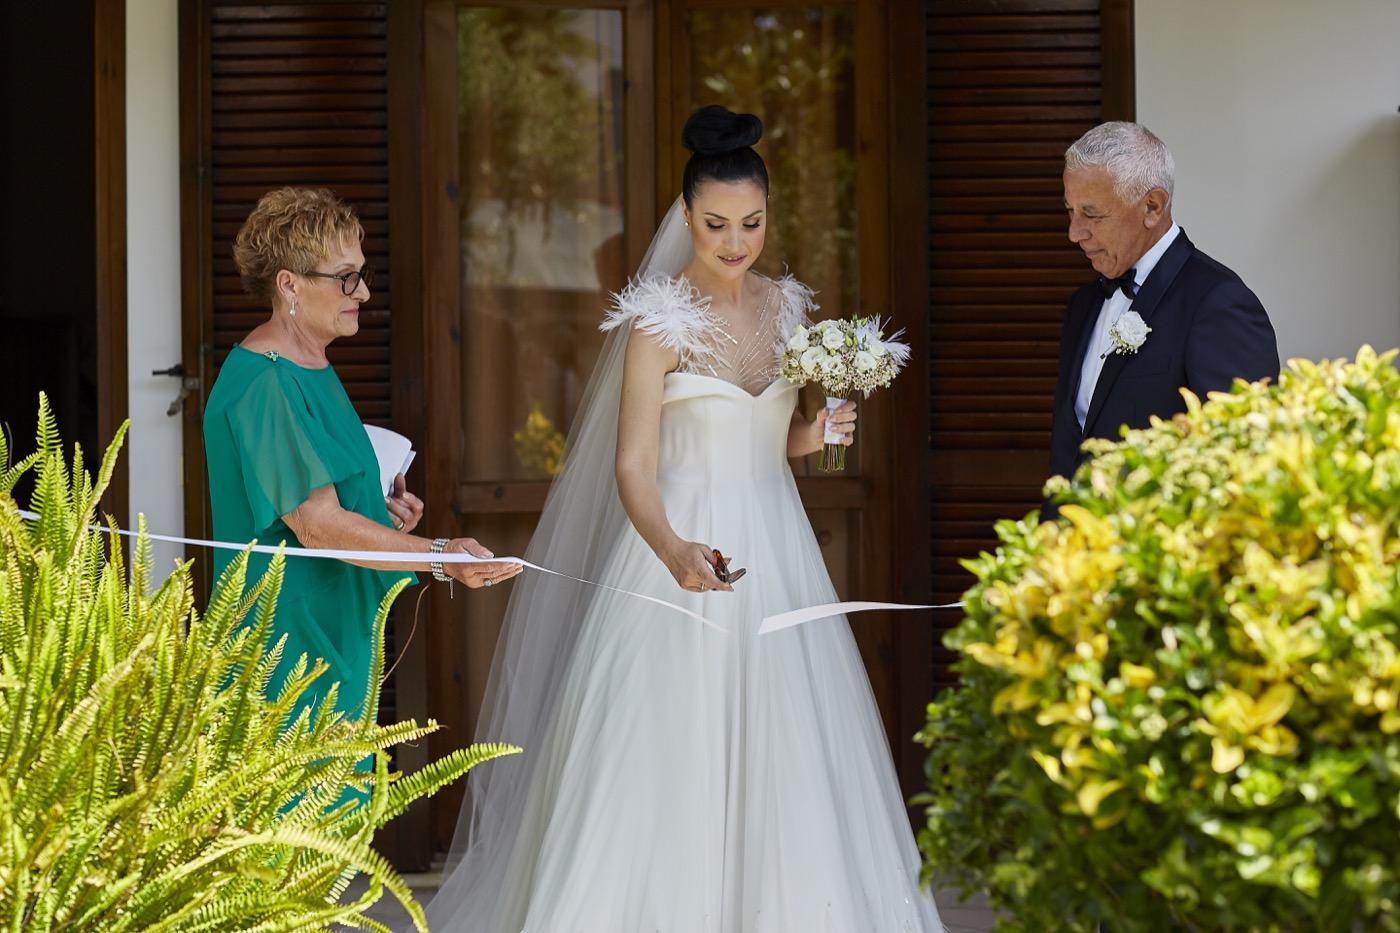 Claudio-Coppola-wedding-photographer-villa-del-cardinale-rocca-di-papa-castel-gandolfo-23